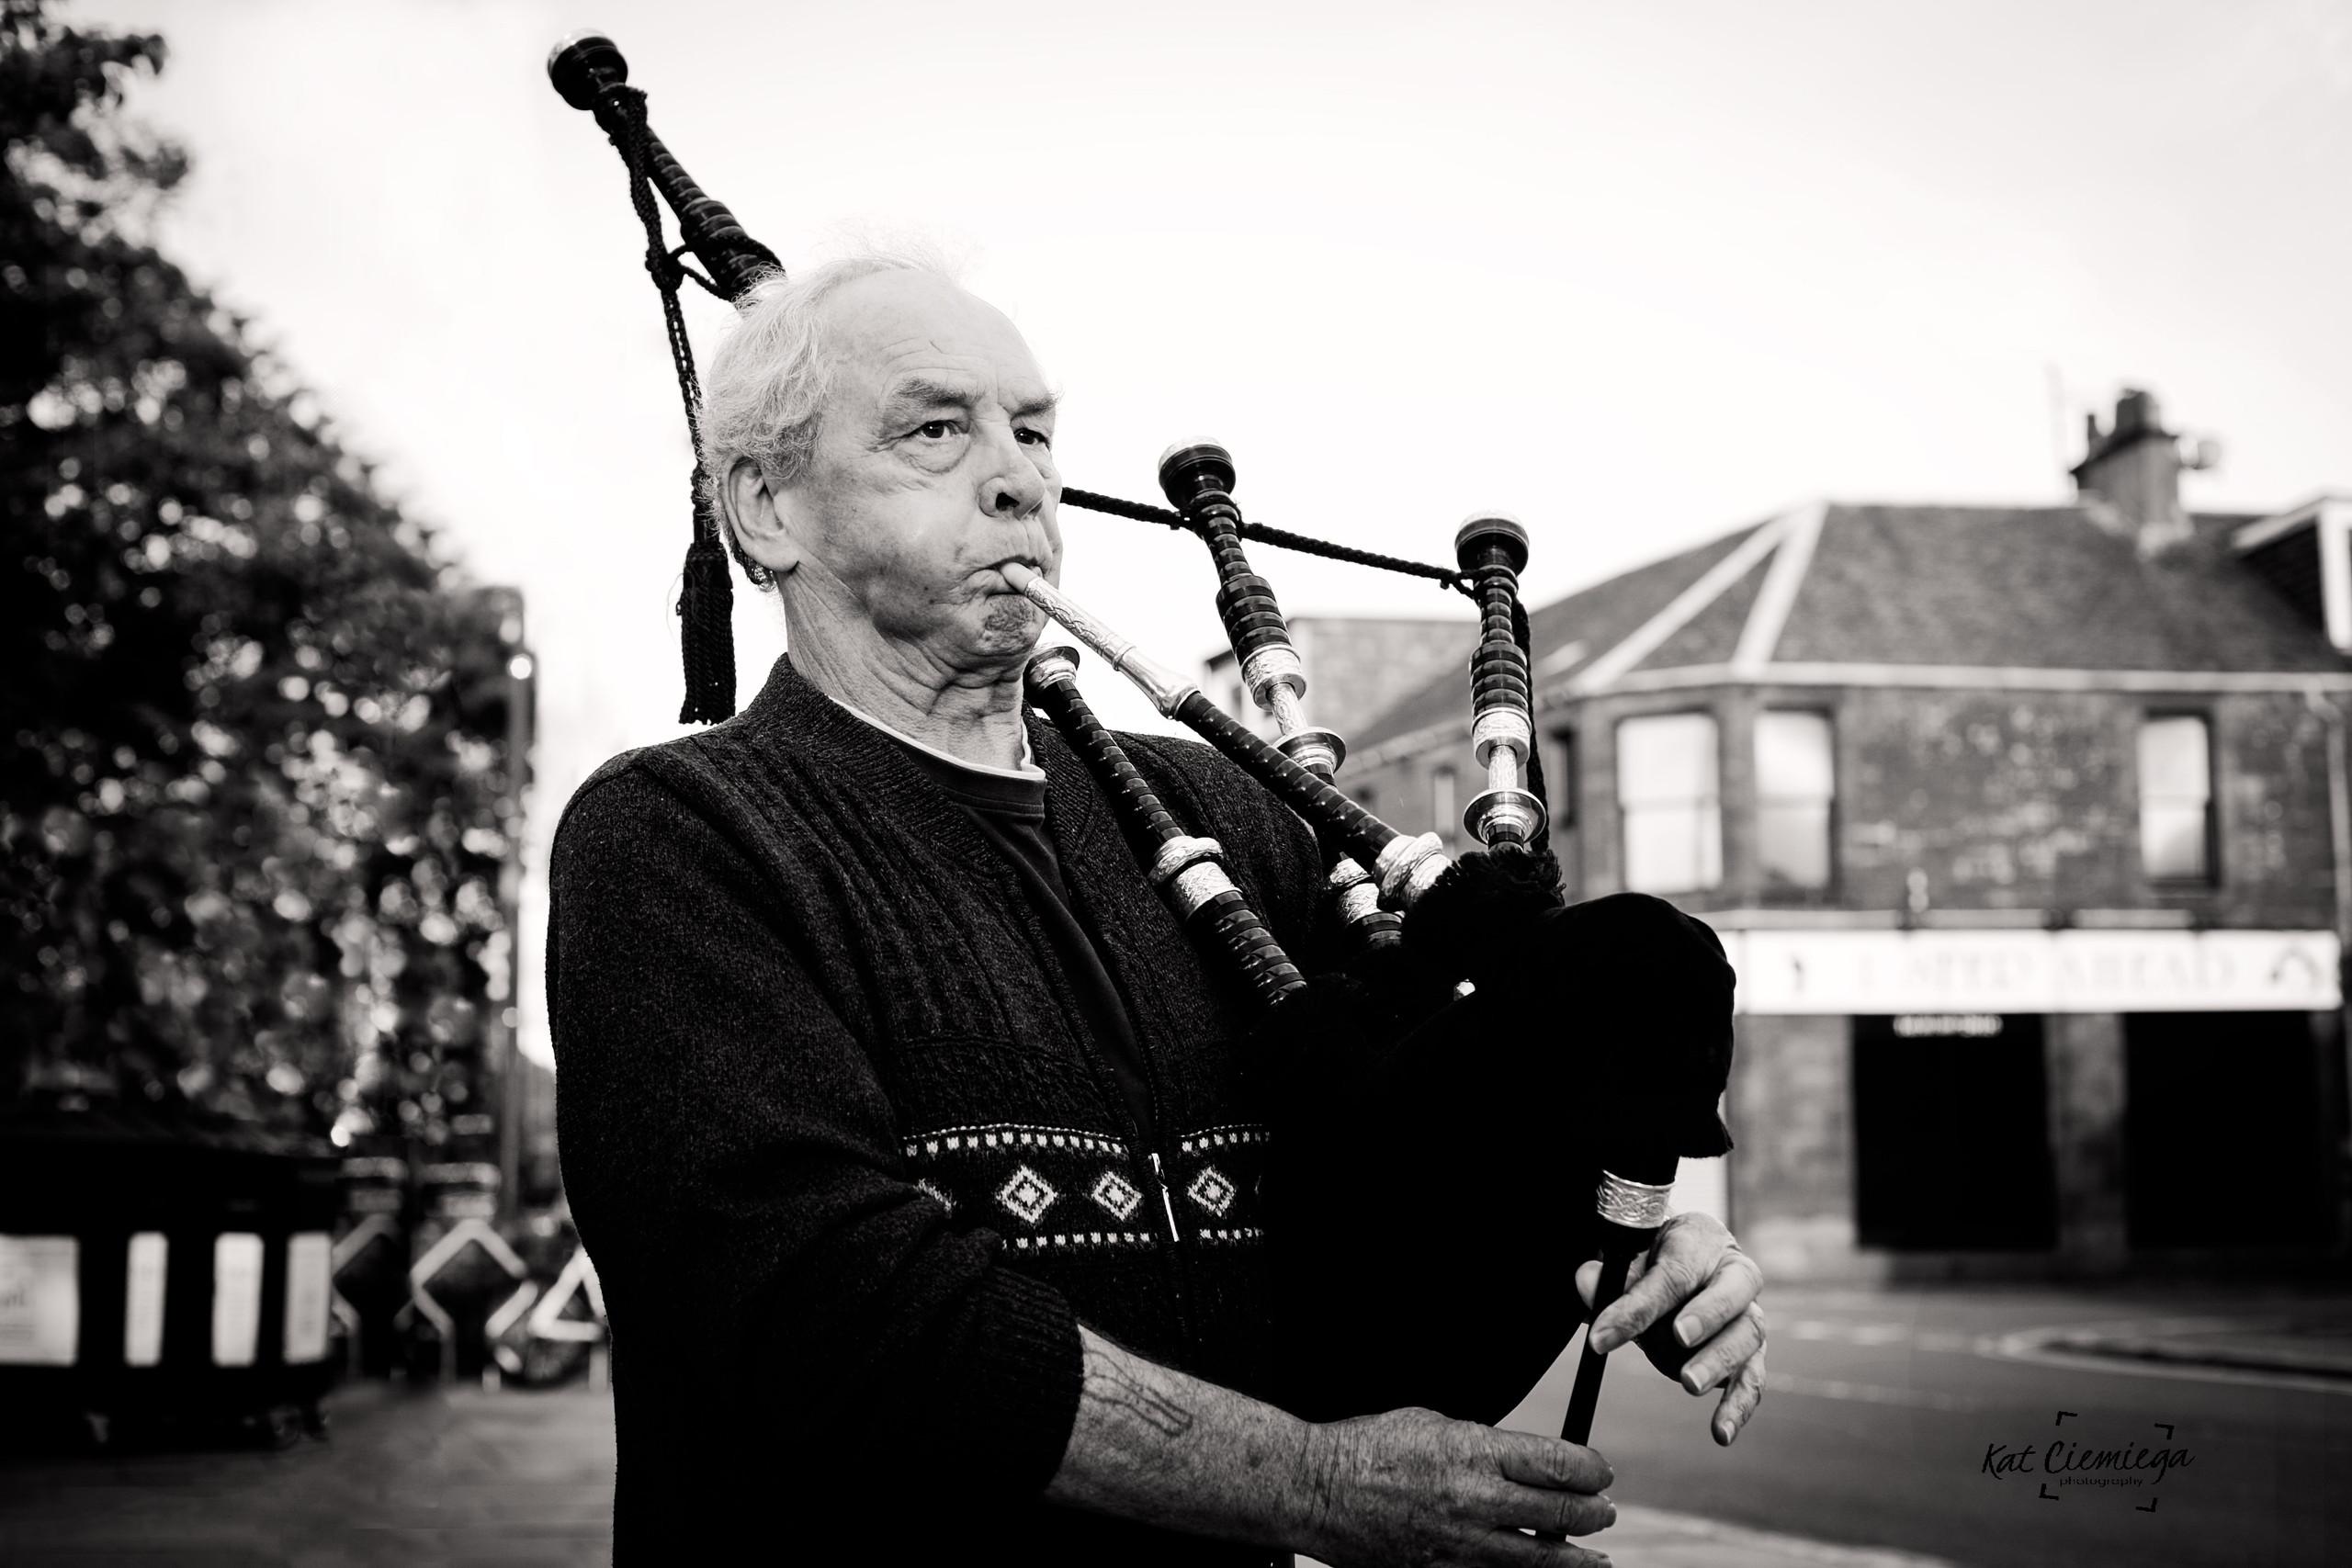 Ray - a Scottish piper. Musician, Scotland, people of Scotland